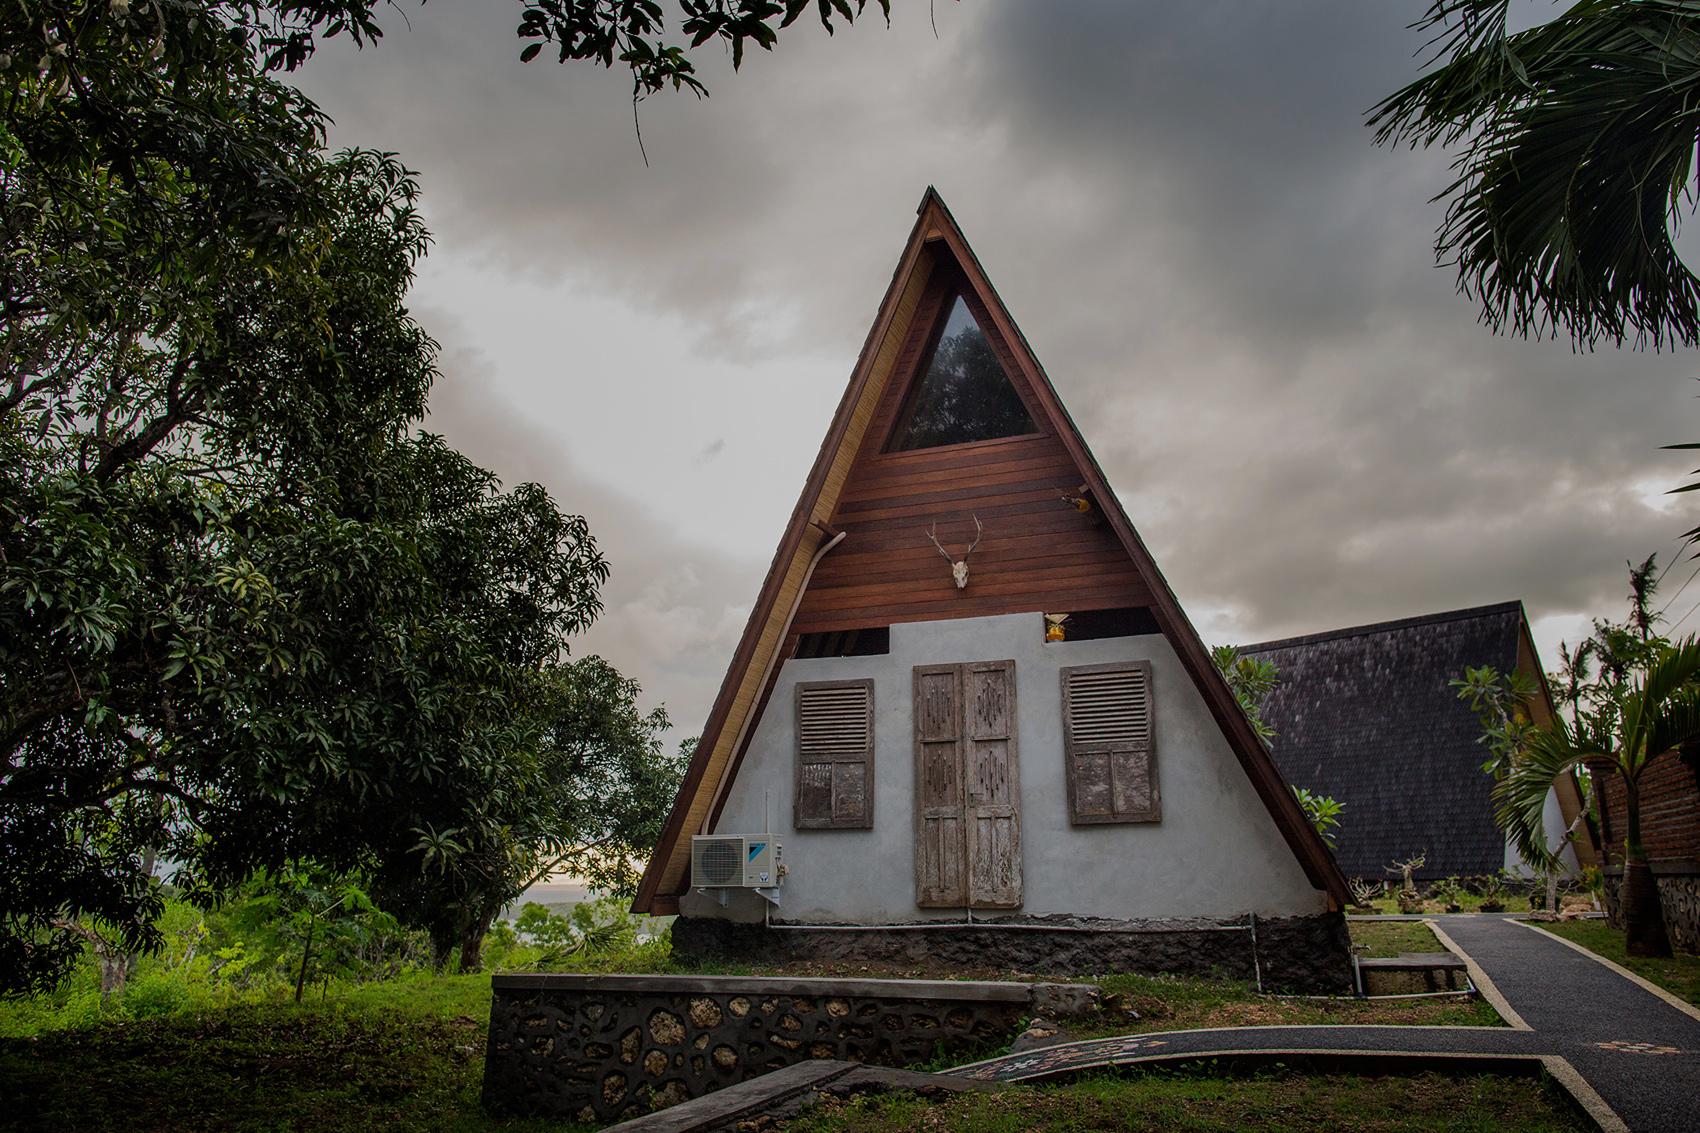 A Triangle Cabin